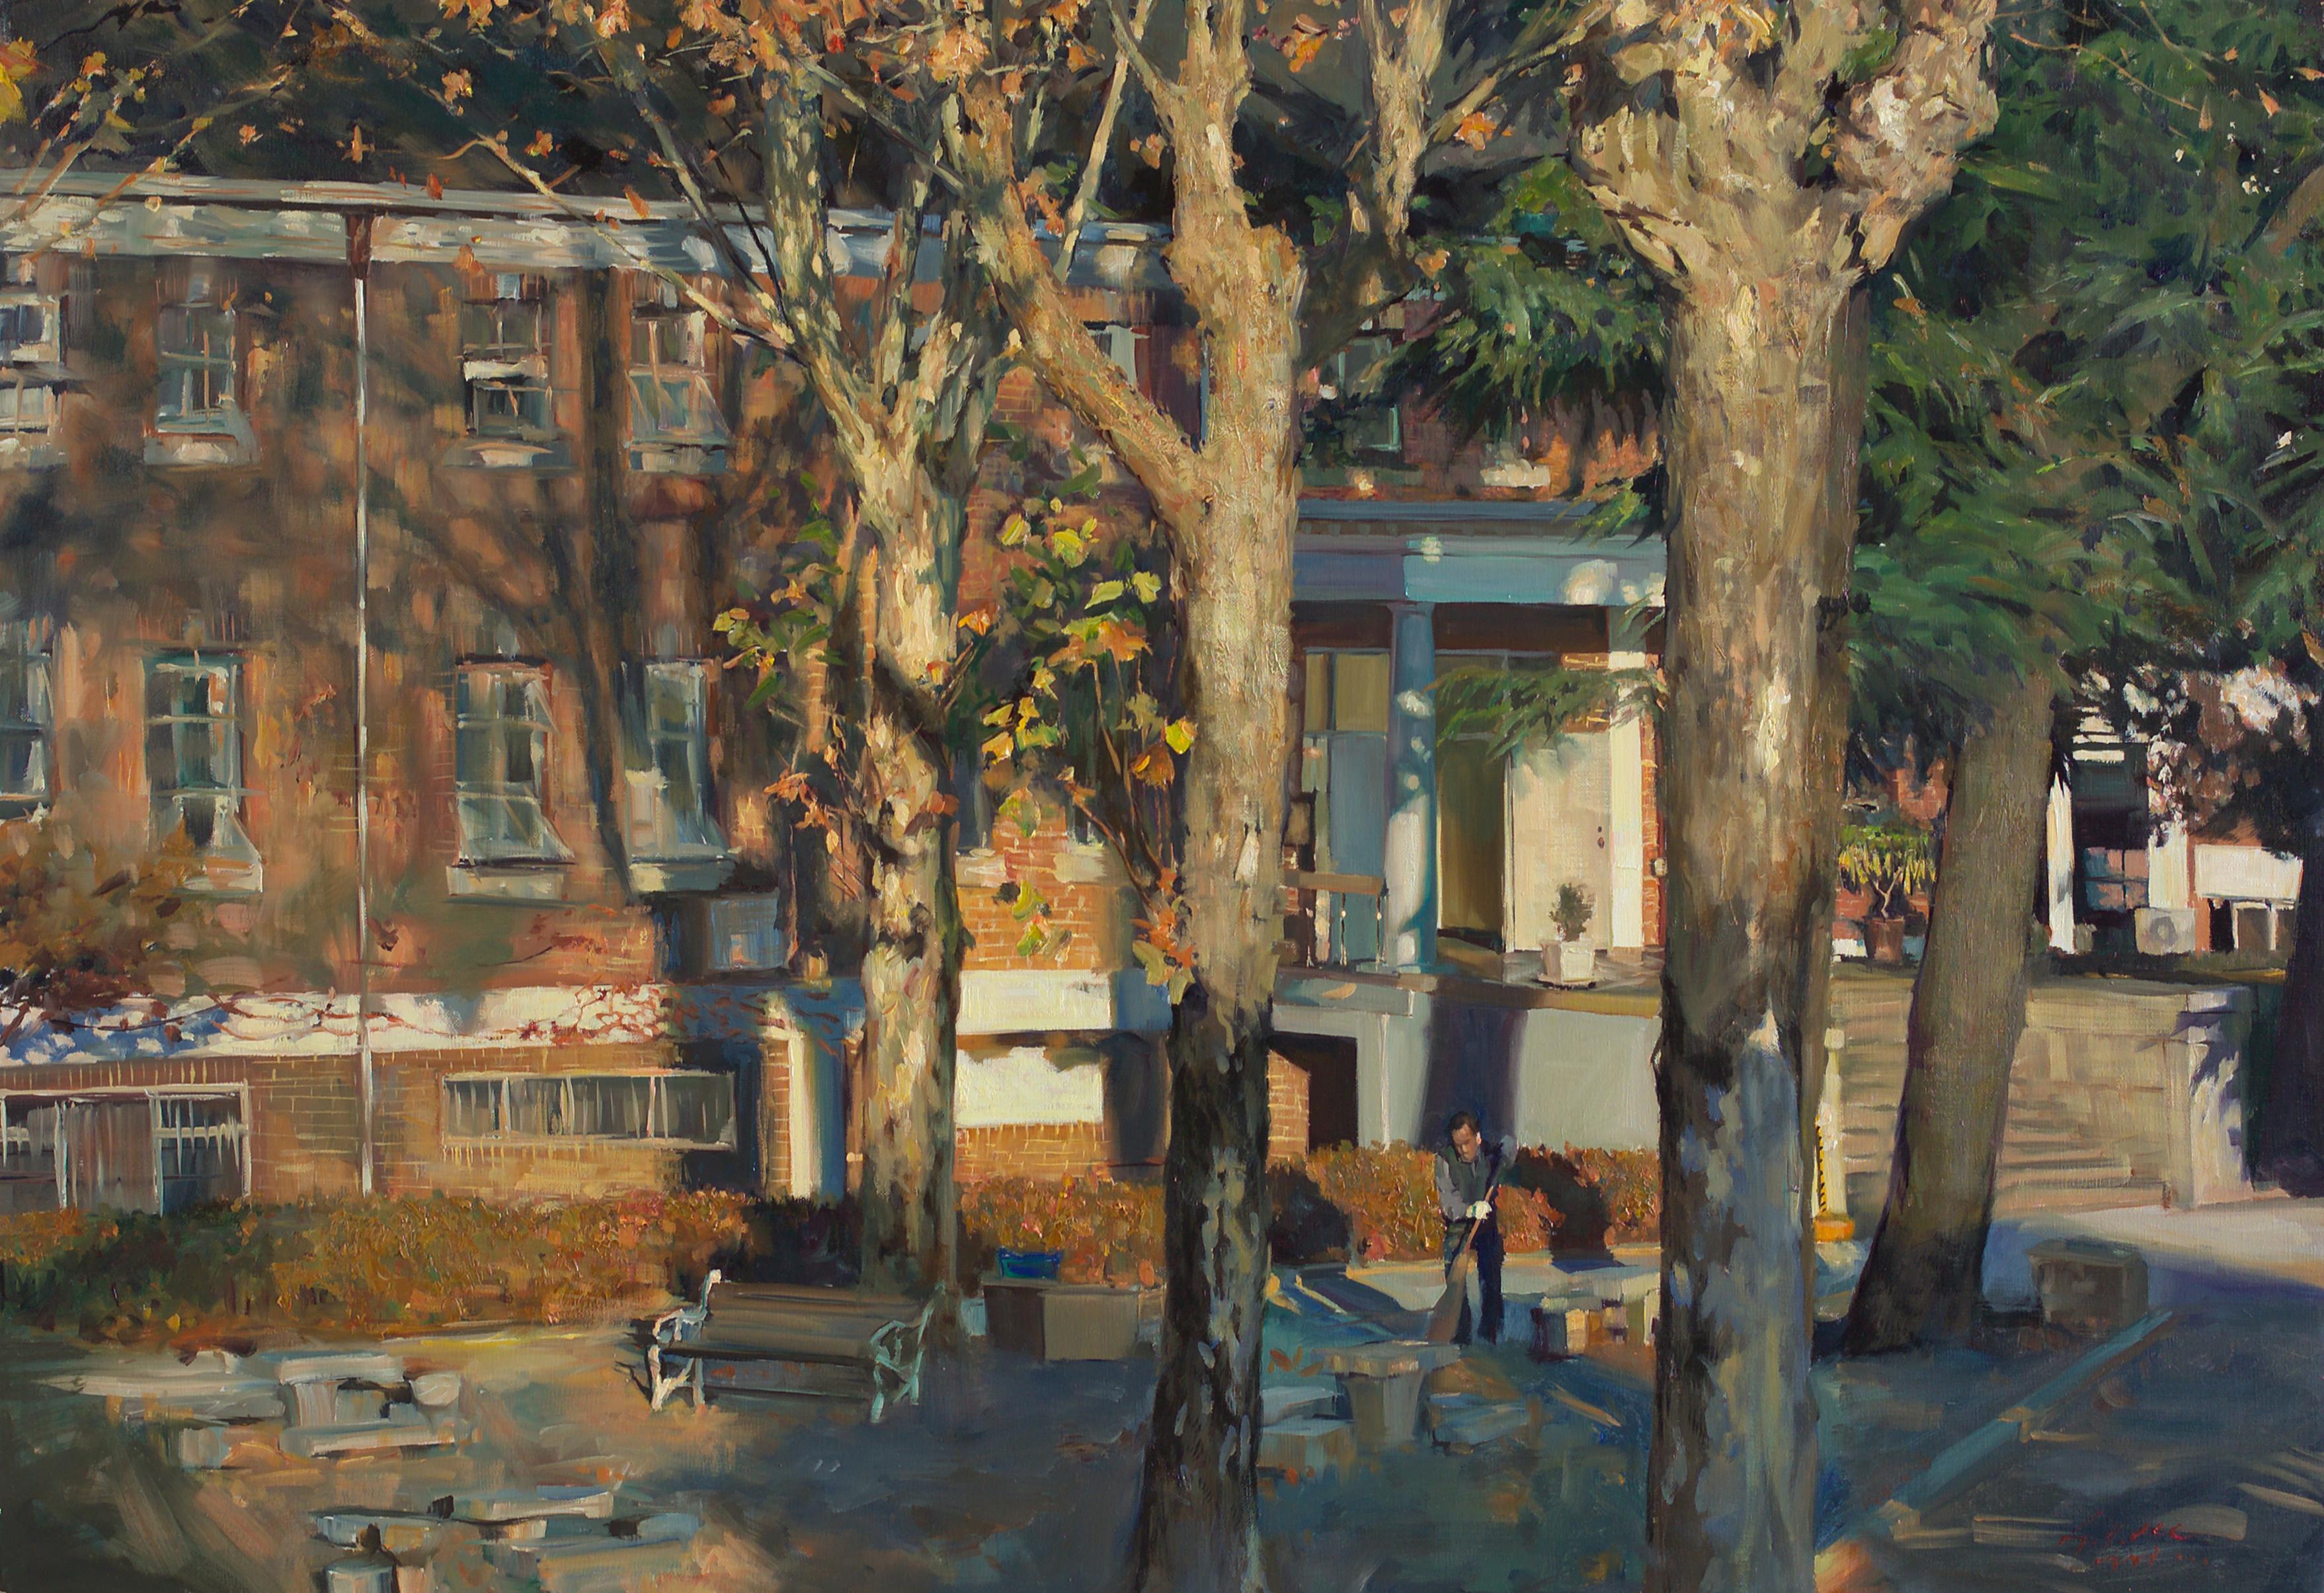 가을 116.8x91 Oil on canvas 2012